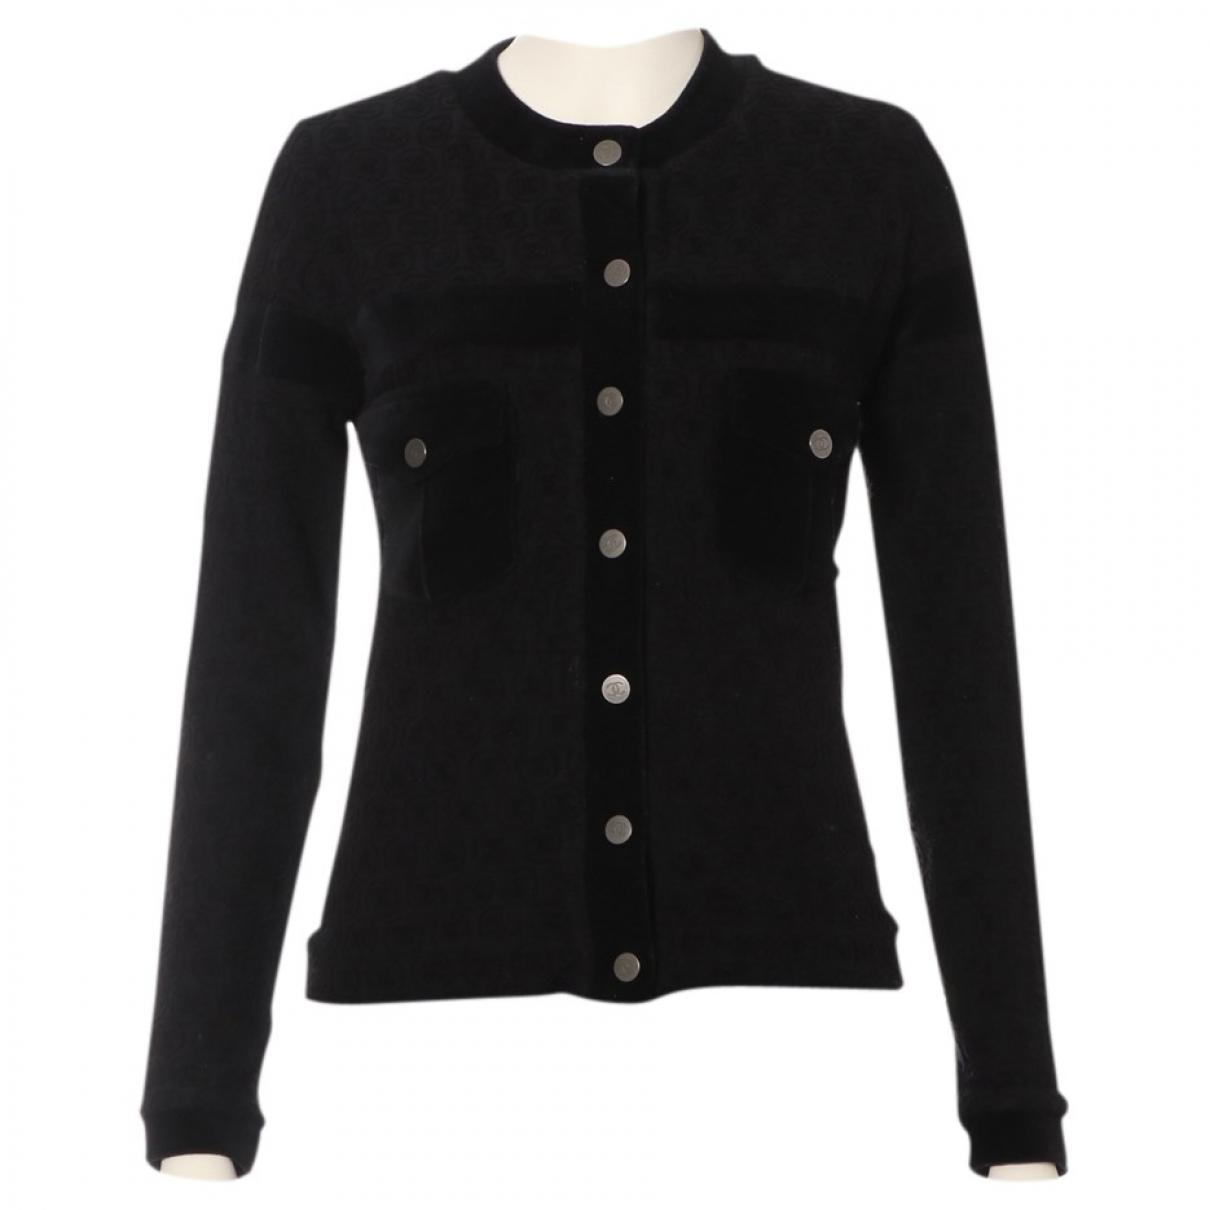 Chanel - Top   pour femme en velours - noir